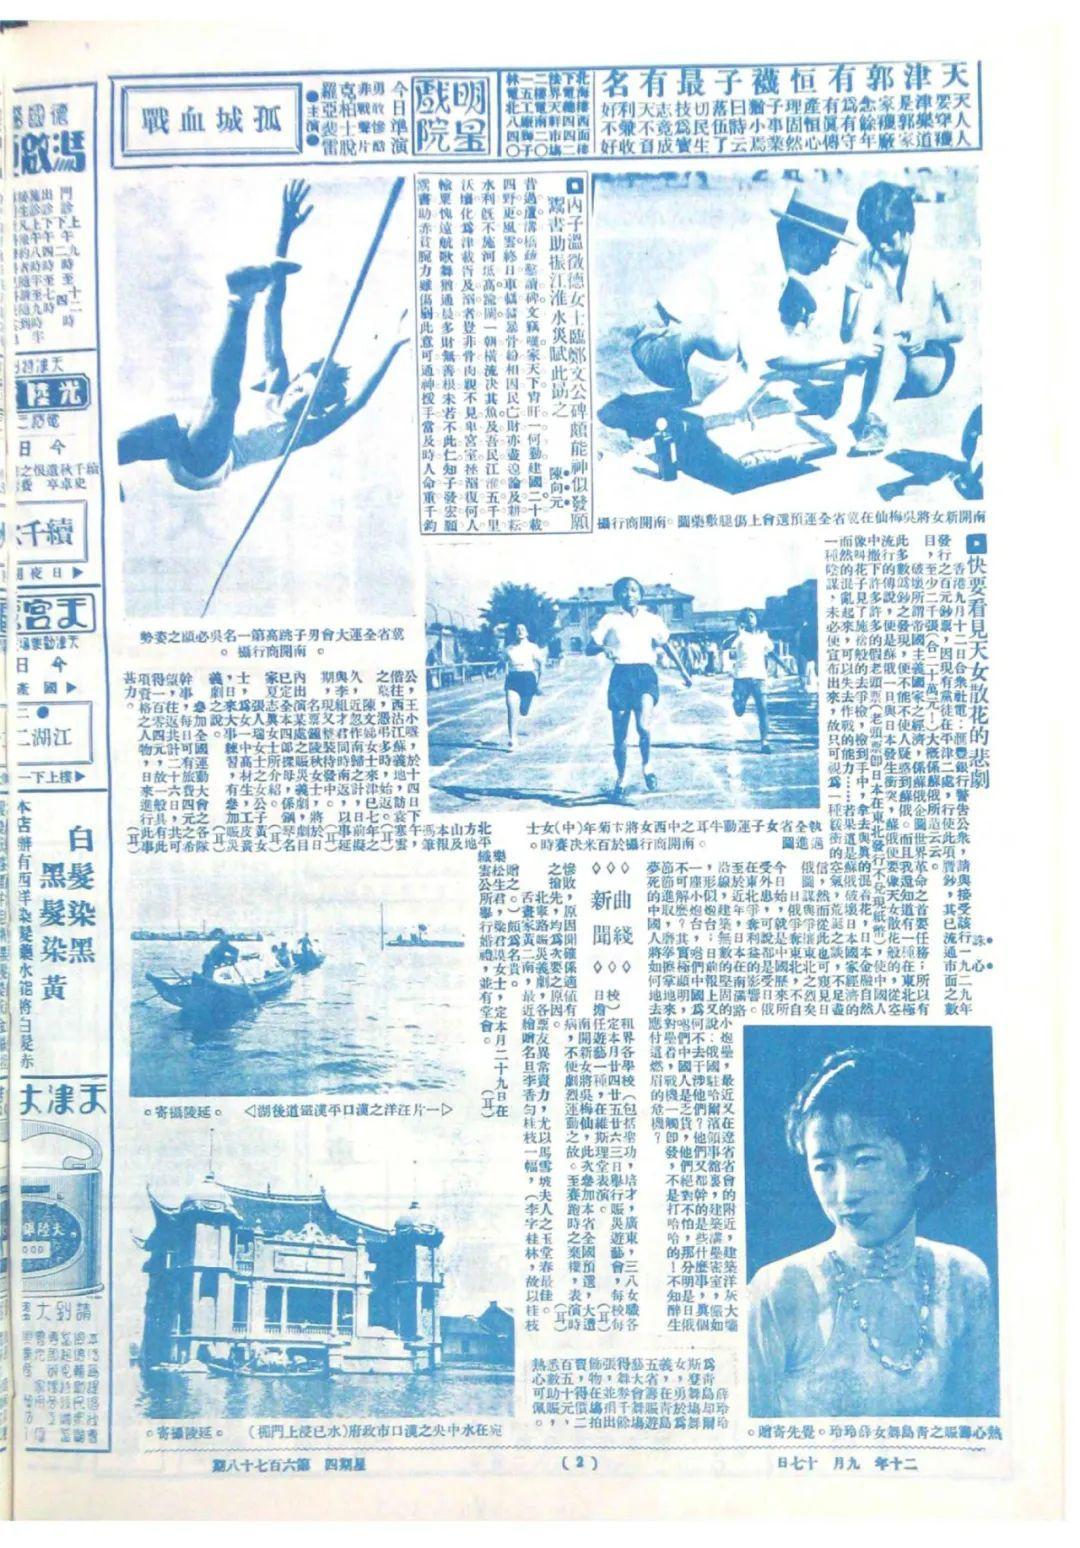 918張學良為何不抵抗:寧國家玉碎保東北軍瓦全